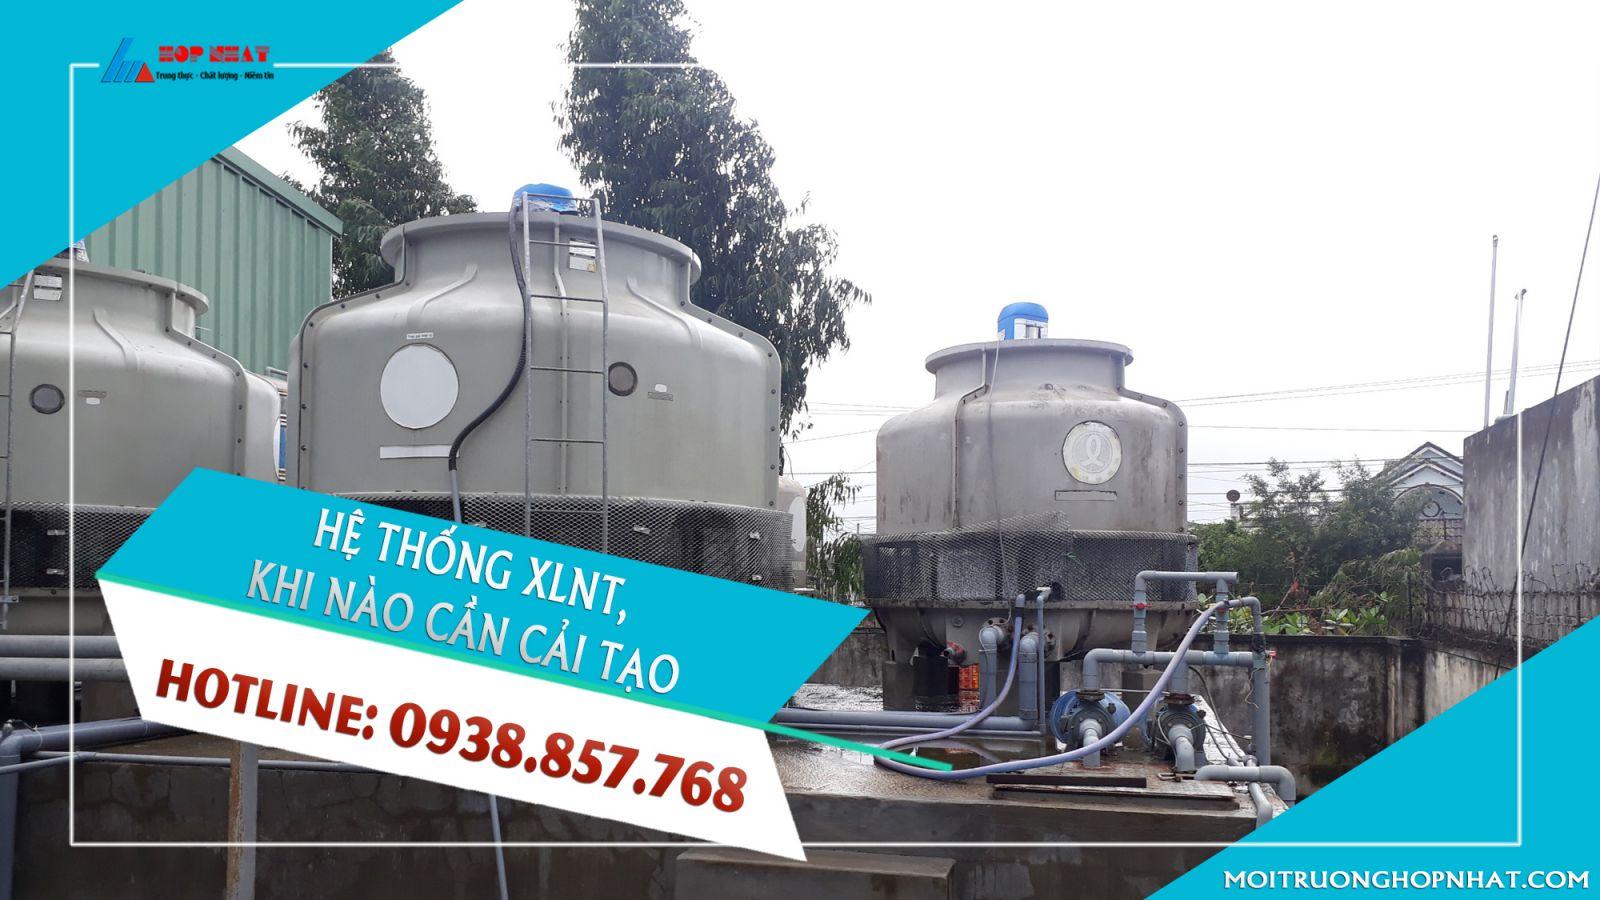 Hệ thống xử lý nước thải nào cần phải cải tạo?